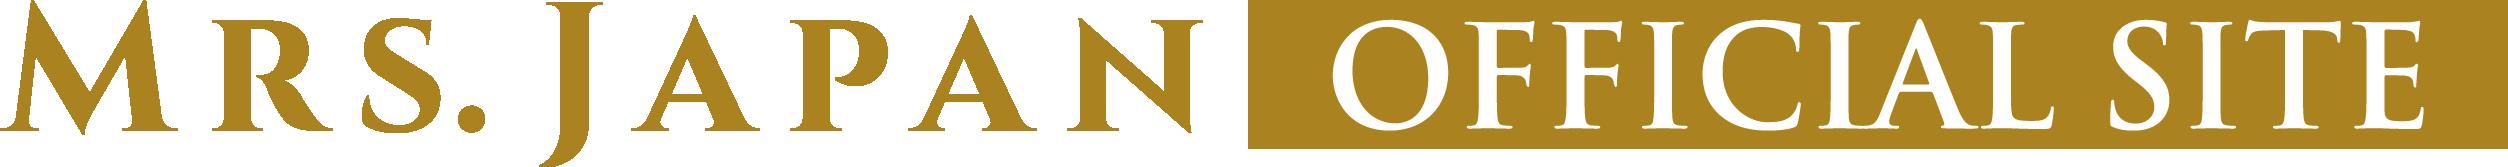 ミセスジャパン|MRS.JAPAN オフィシャルサイト